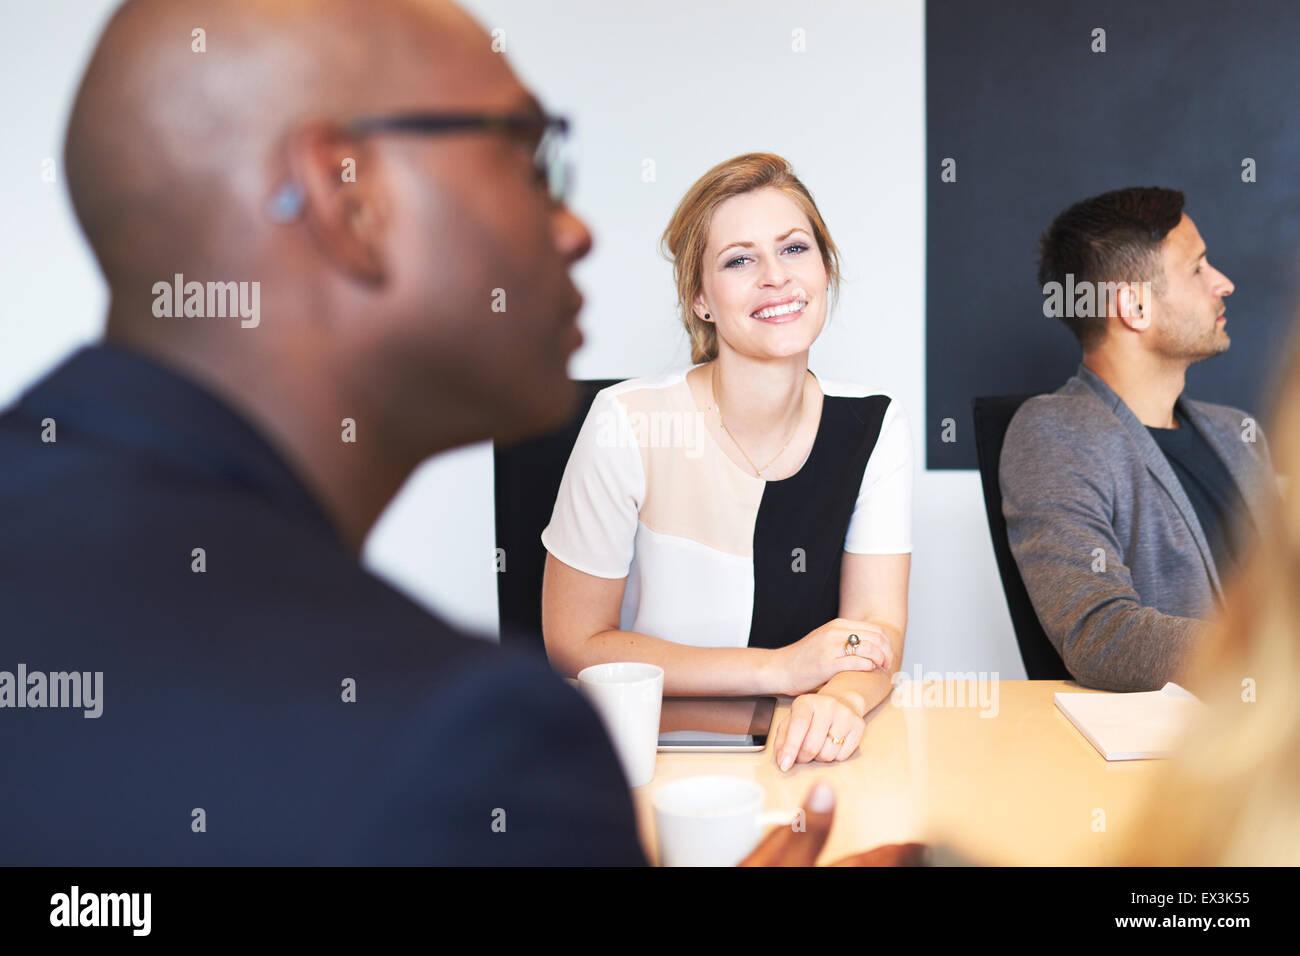 Femelle blanc de exécutif au cours d'une réunion de travail. Photo Stock